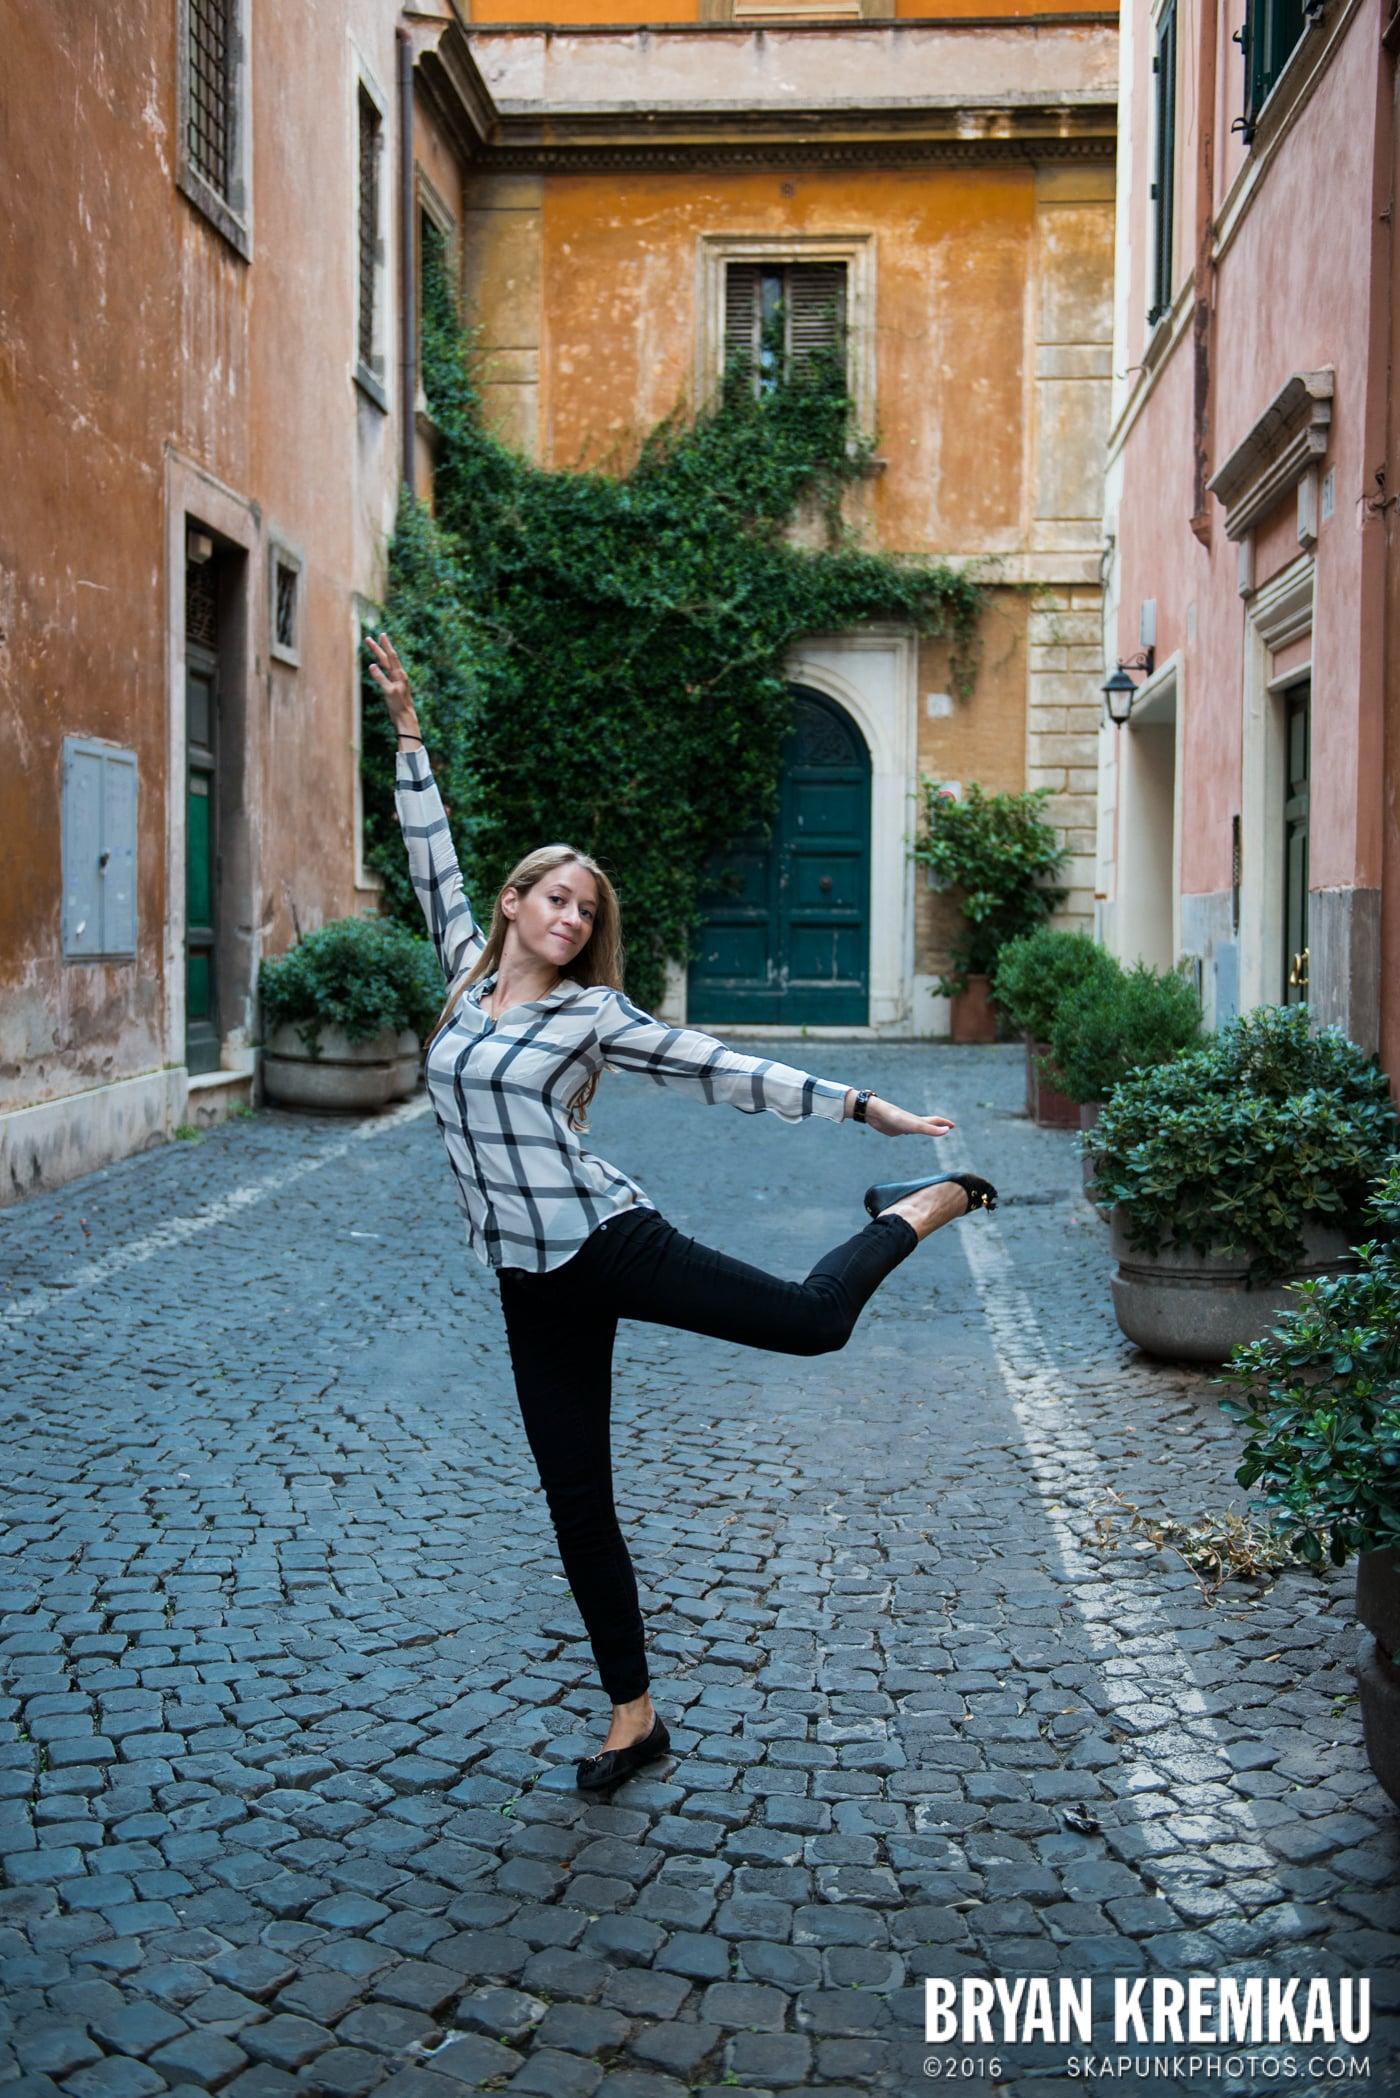 Italy Vacation - Day 3: Rome - 9.11.13 (9)